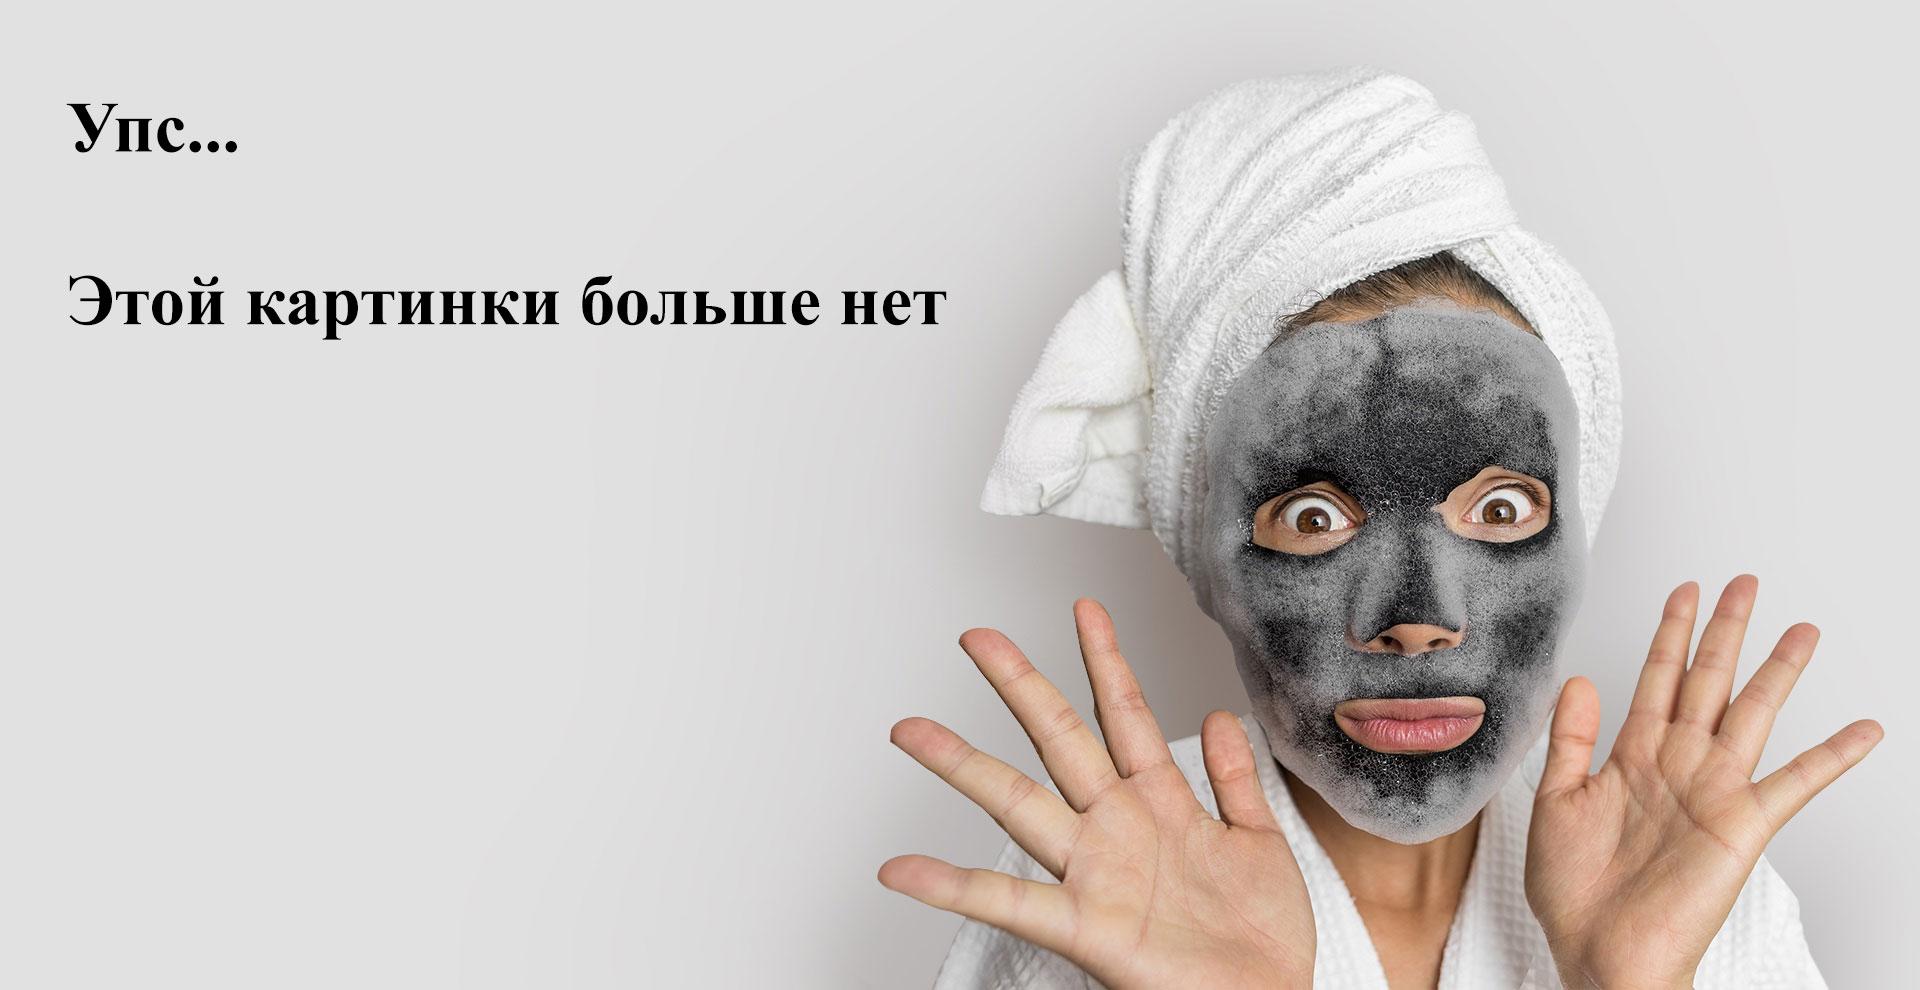 TM ChocoLatte, Крем для лица Суфле крем-брюле, 50 мл